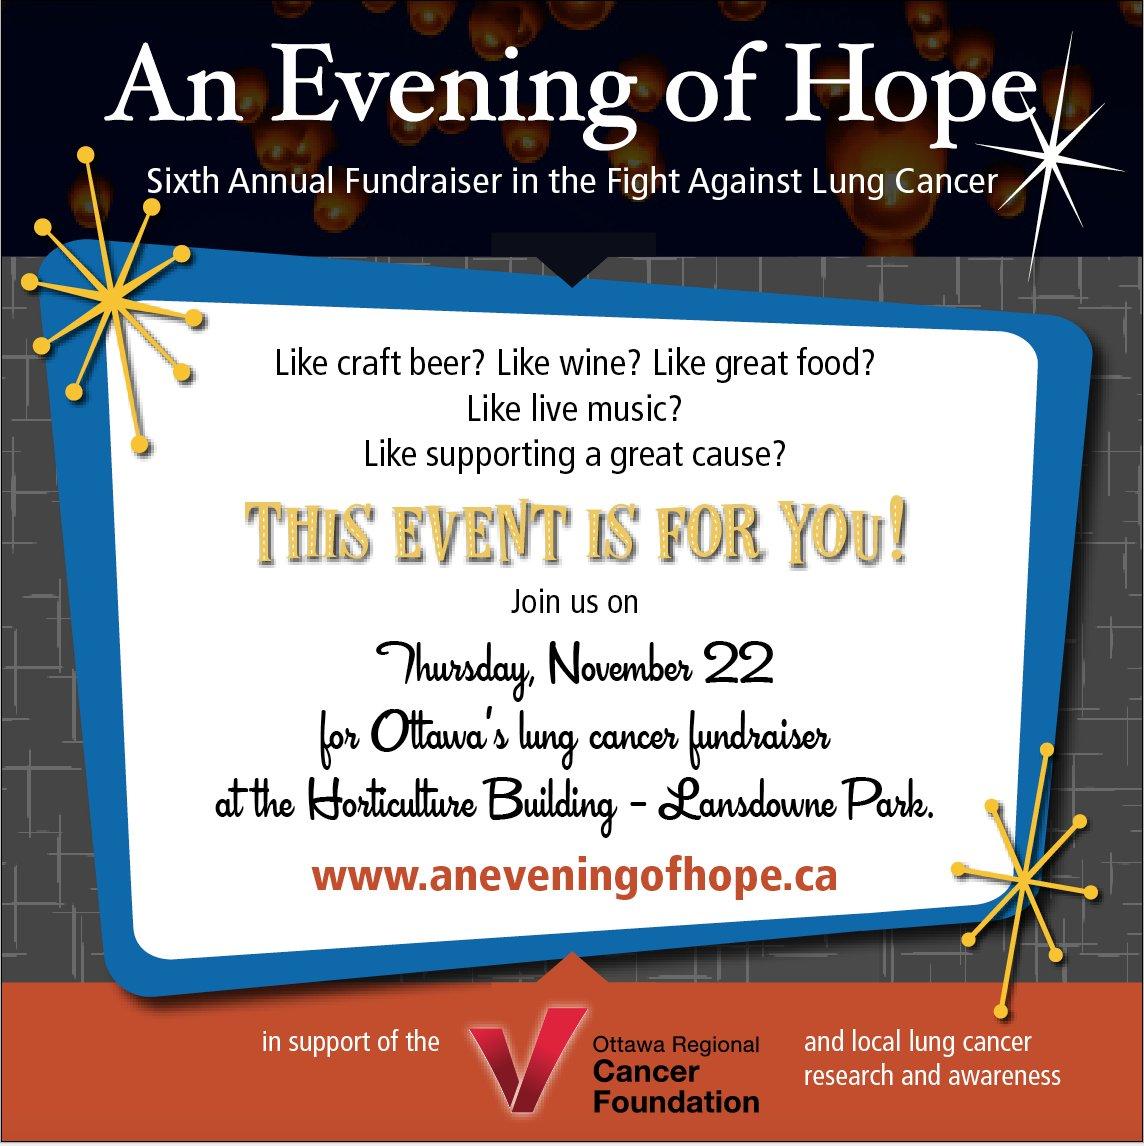 An Evening of Hope (@ottawaeveofhope) | Twitter